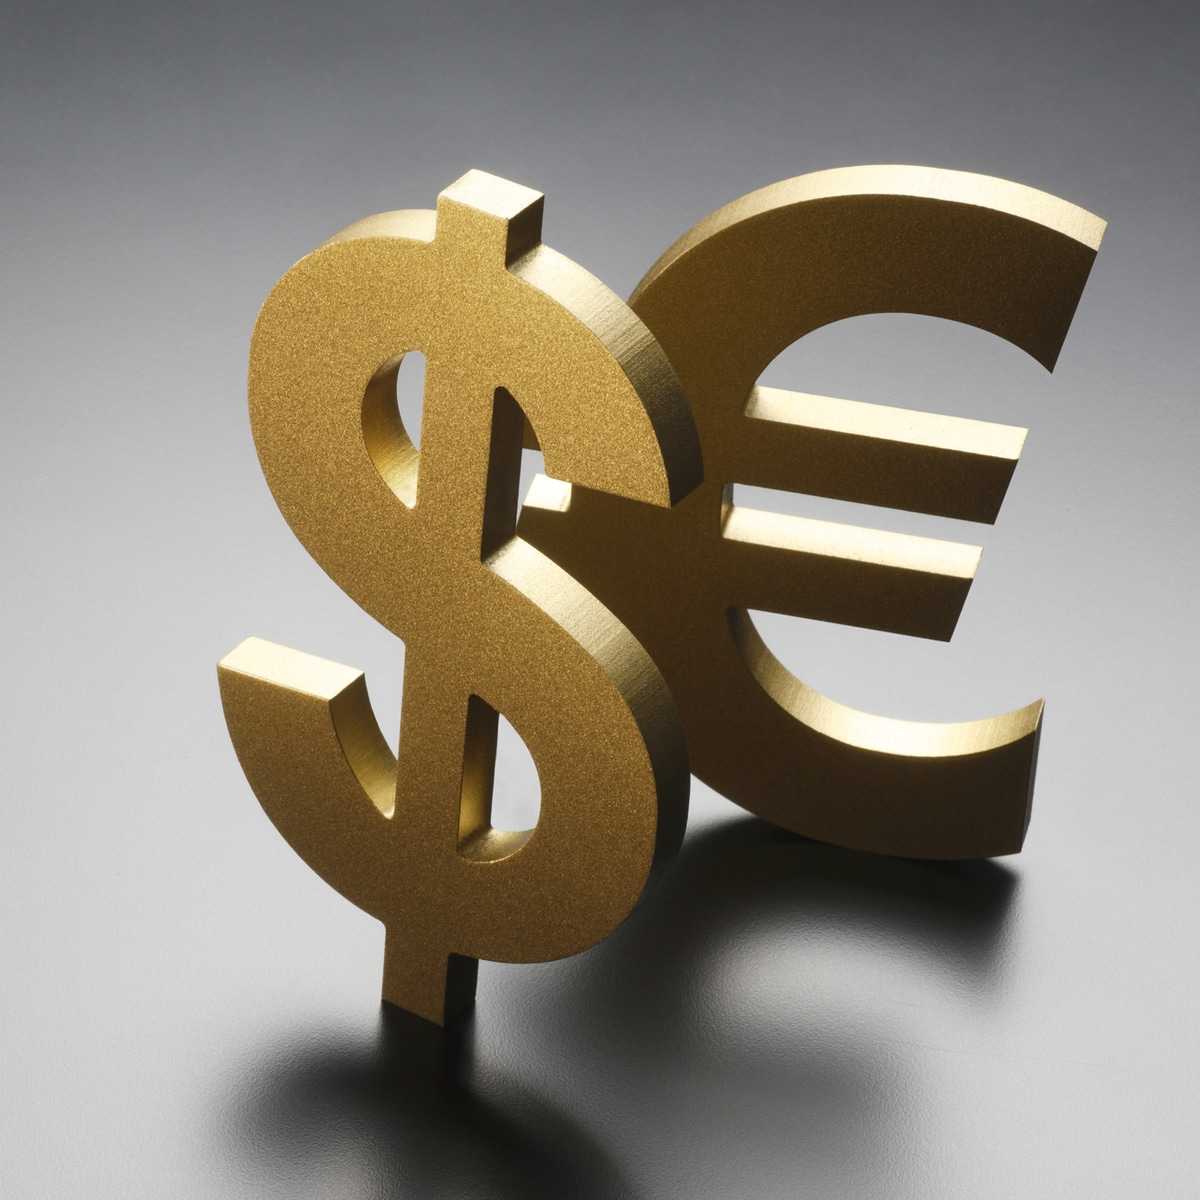 La debolezza dell'euro continuerà?